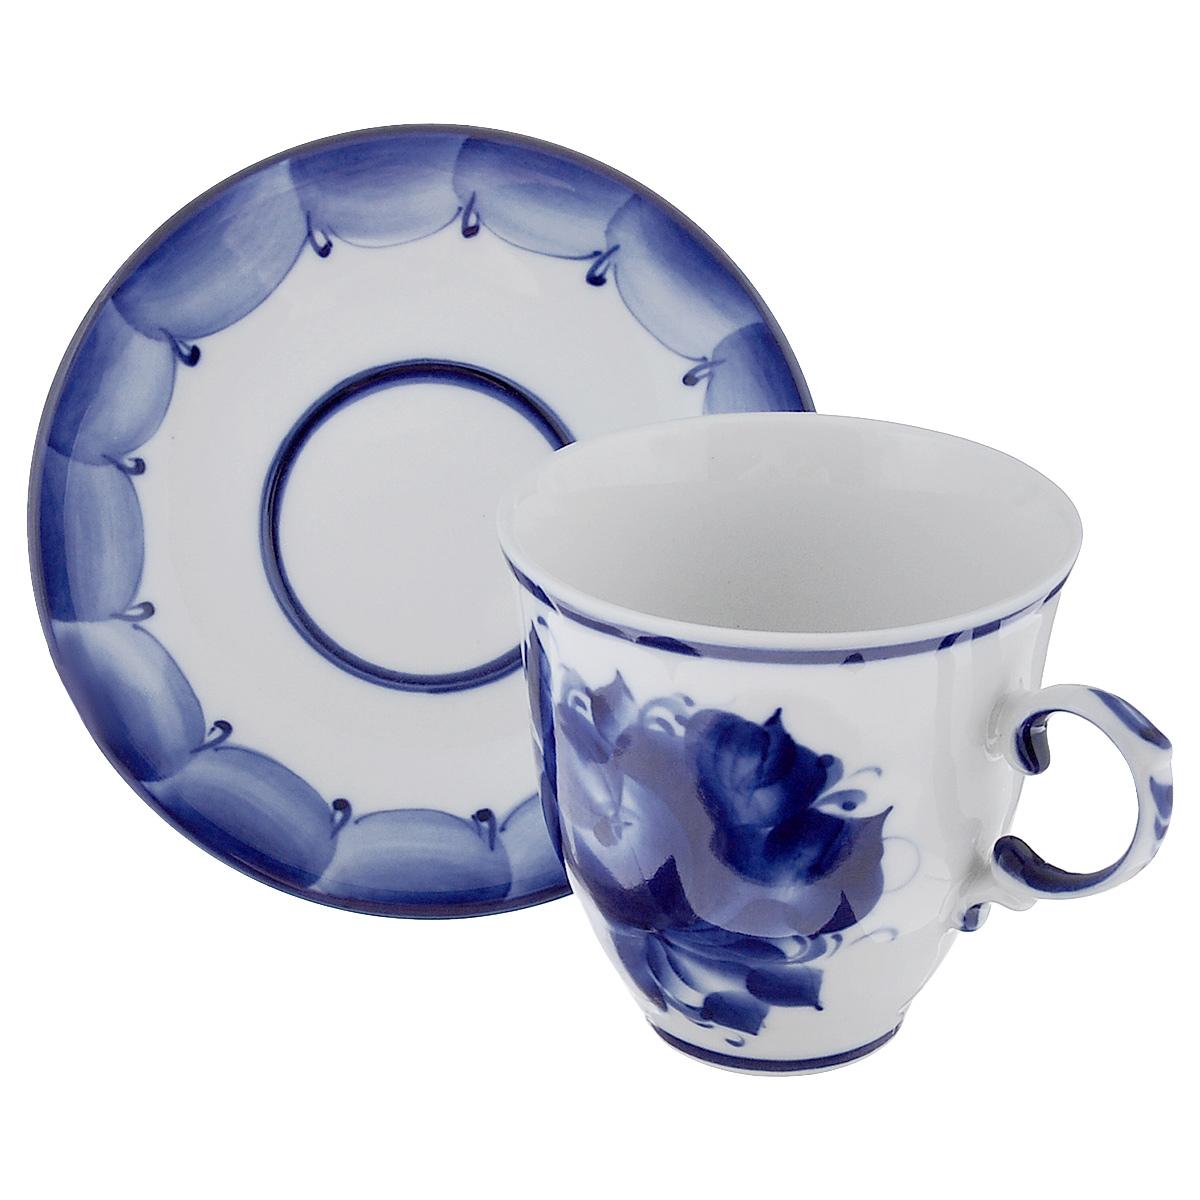 Чайная пара Чародейка, цвет: белый, синий, 2 предмета993067012Чайная пара Чародейка выполнена из высококачественной керамики, состоит из чашки и блюдца оформленных гжельской росписью. Яркий дизайн, несомненно, придется вам по вкусу. Чайная пара Чародейка украсит ваш кухонный стол, а также станет замечательным подарком к любому празднику. Гжель - один из традиционных российских центров производства керамики и известный народный художественный промысел России. Производят изделия в Московской области, в обширном районе из 27 деревень, называемых Гжельский куст. Профессиональные мастера сохраняют традиции росписи и создают истинные шедевры. Ей характерна изящная роспись в синих тонах на белом фоне. Традиционными считаются изображения птиц, цветов и узоров. Обращаем ваше внимание, что роспись на изделие сделана вручную. Рисунок может немного отличаться от изображения на фотографии. Объем чашки: 250 мл. Диаметр чашки по верхнему краю: 9 см. Диаметр дна чашки: 4,5 см. Высота чашки: 9 см. ...